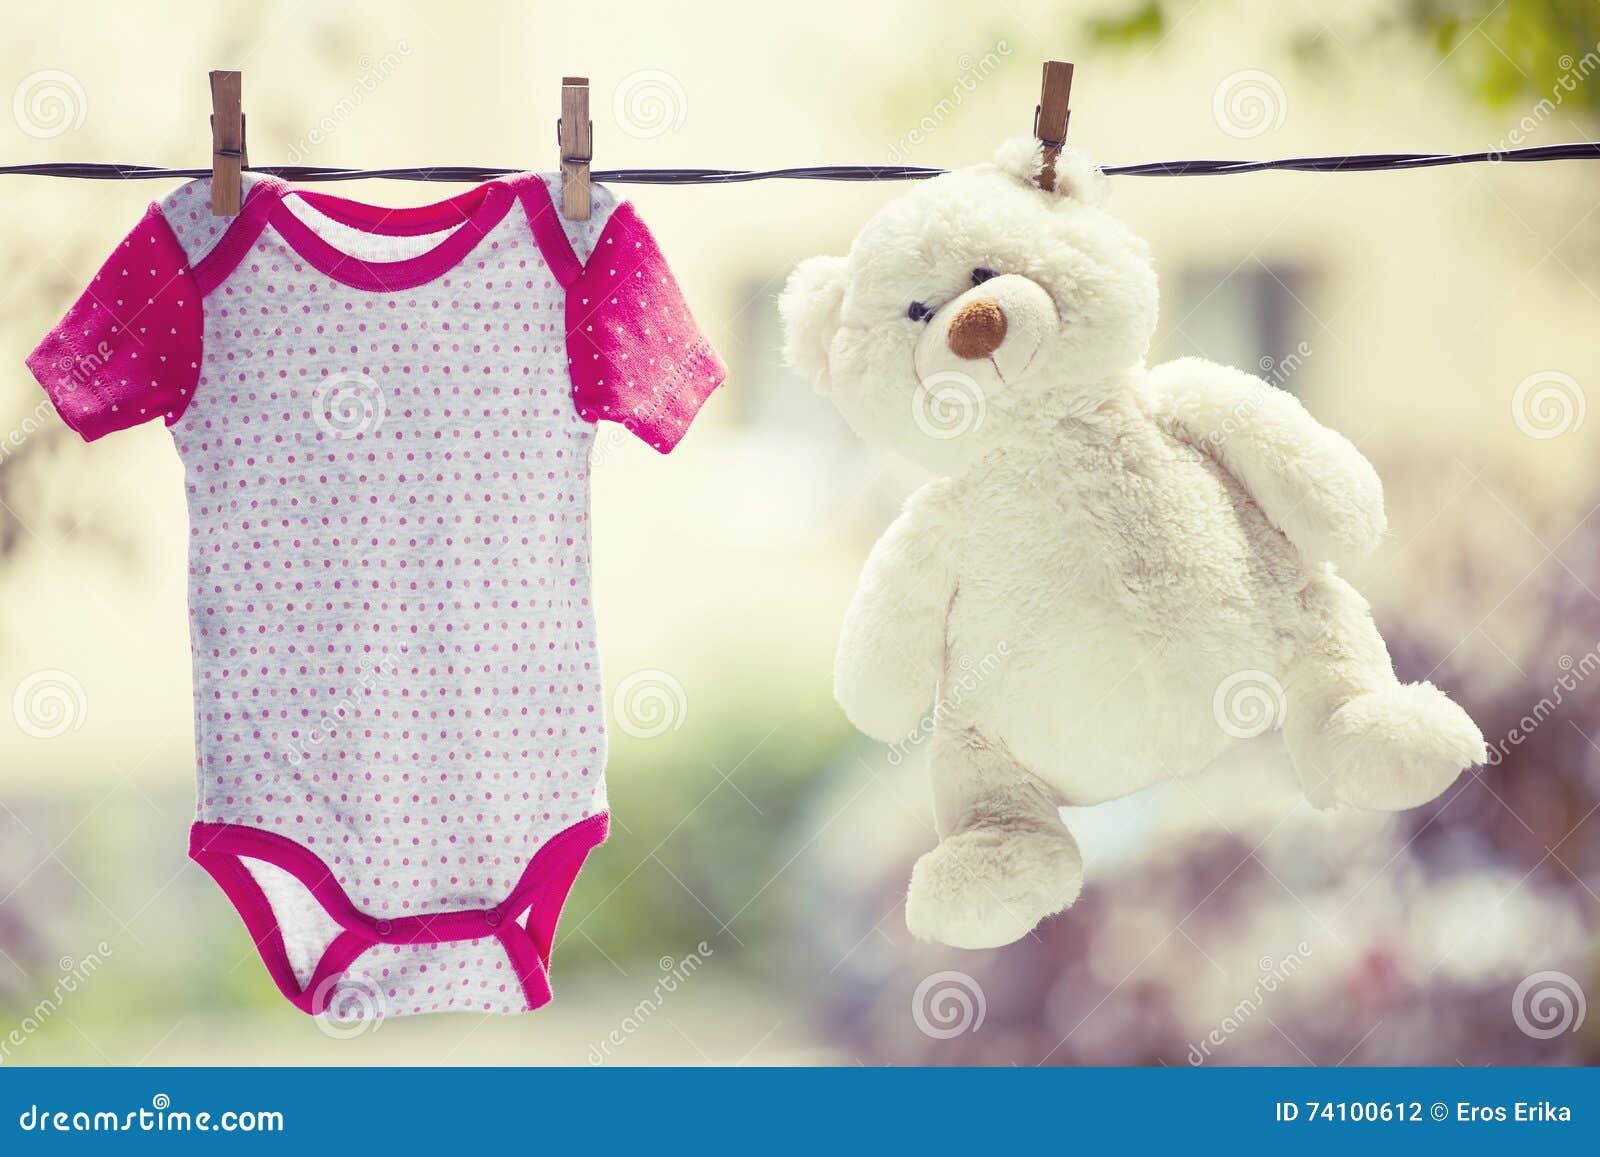 48cace254 Ropa del bebé y ejecución del oso de peluche en la cuerda para tender la  ropa